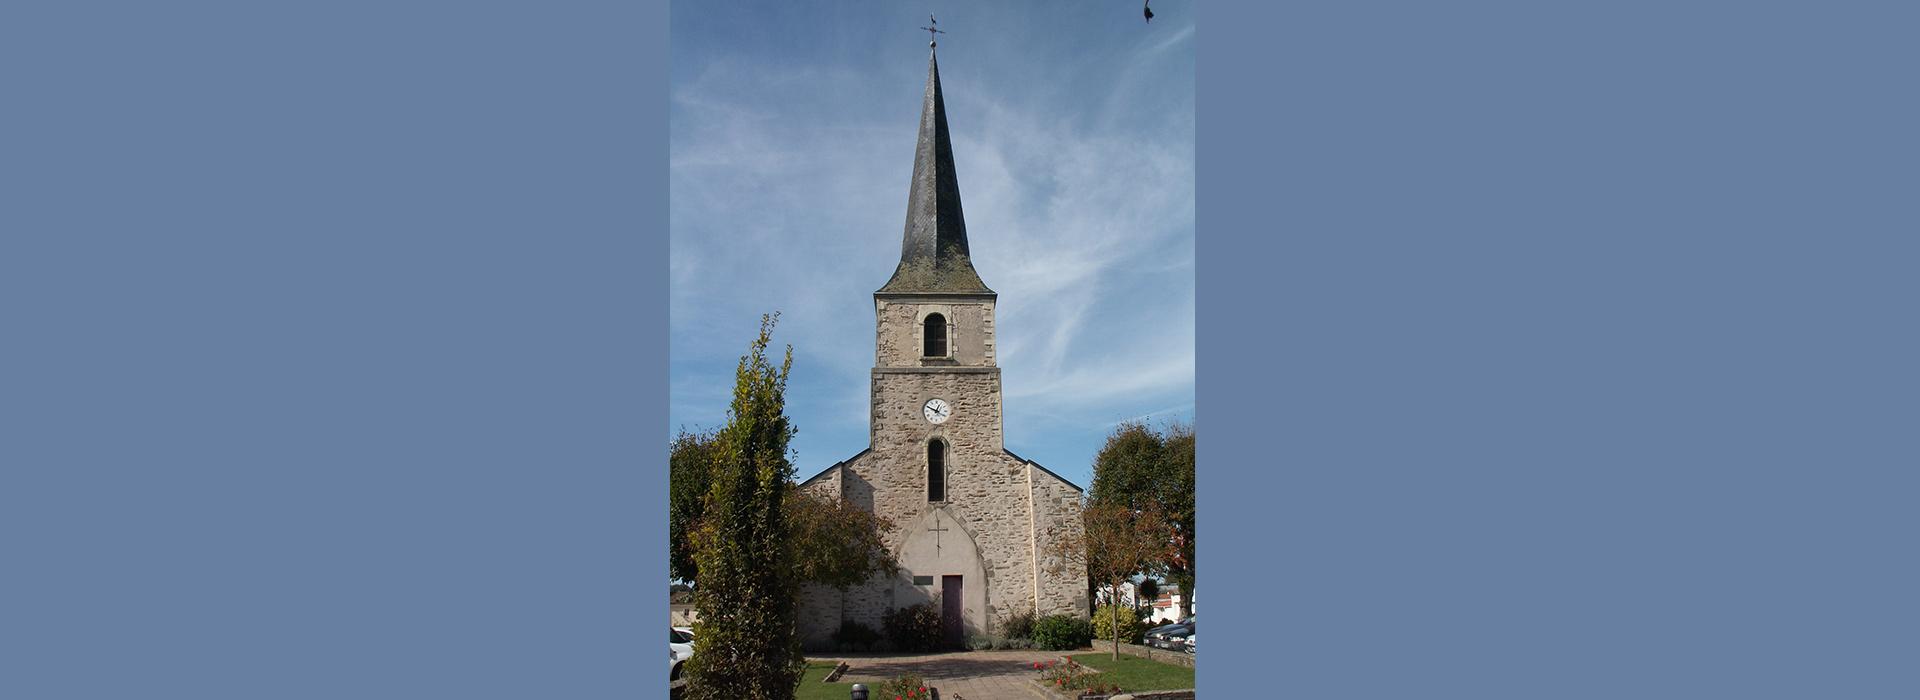 Eglise Saint Etienne de Mer Morte 44 - Paroisse de Machecoul